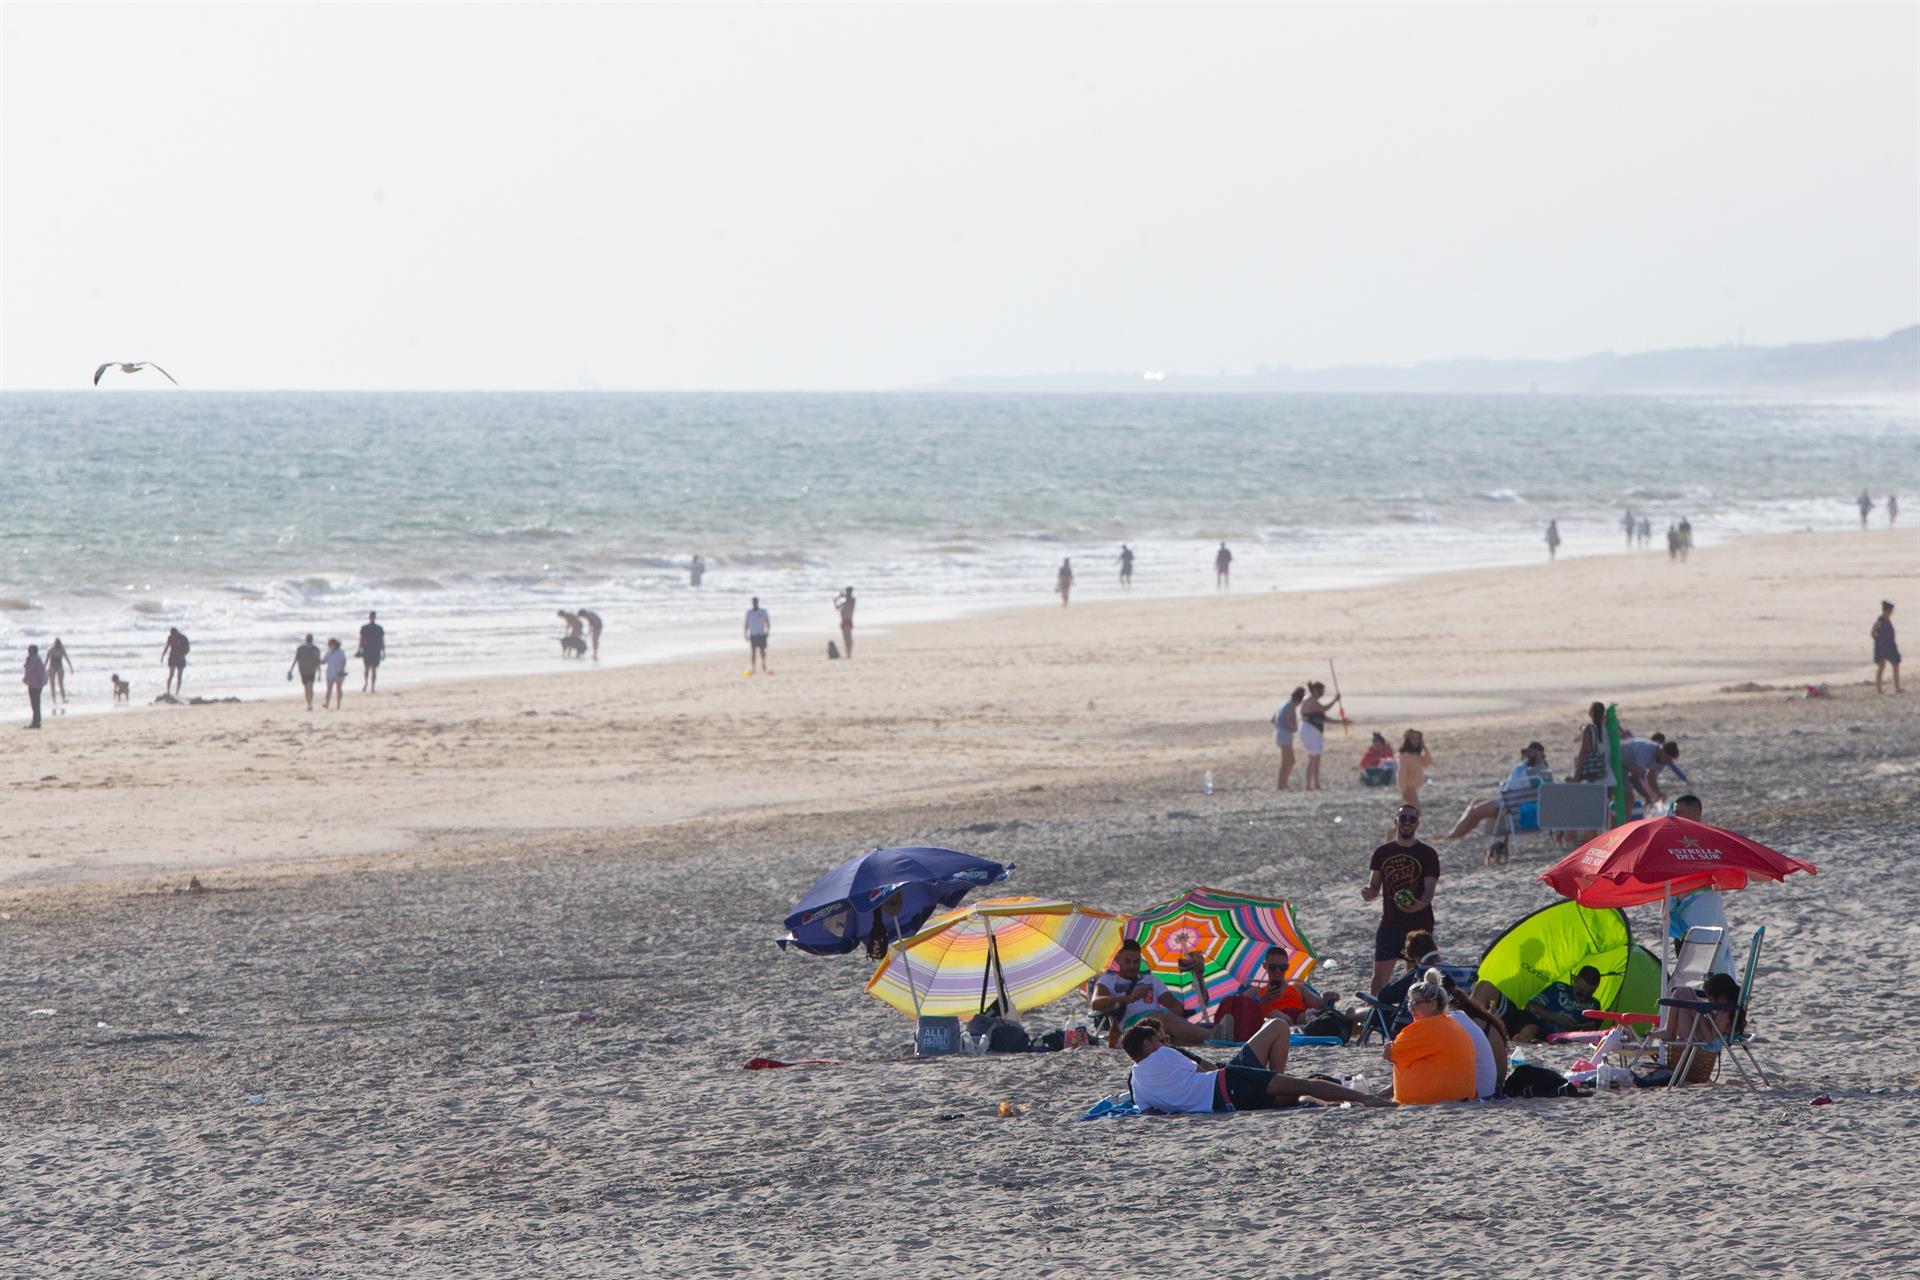 Hoteles prevén un 70% de ocupación este verano en Andalucía «si la situación se mantiene como ahora»